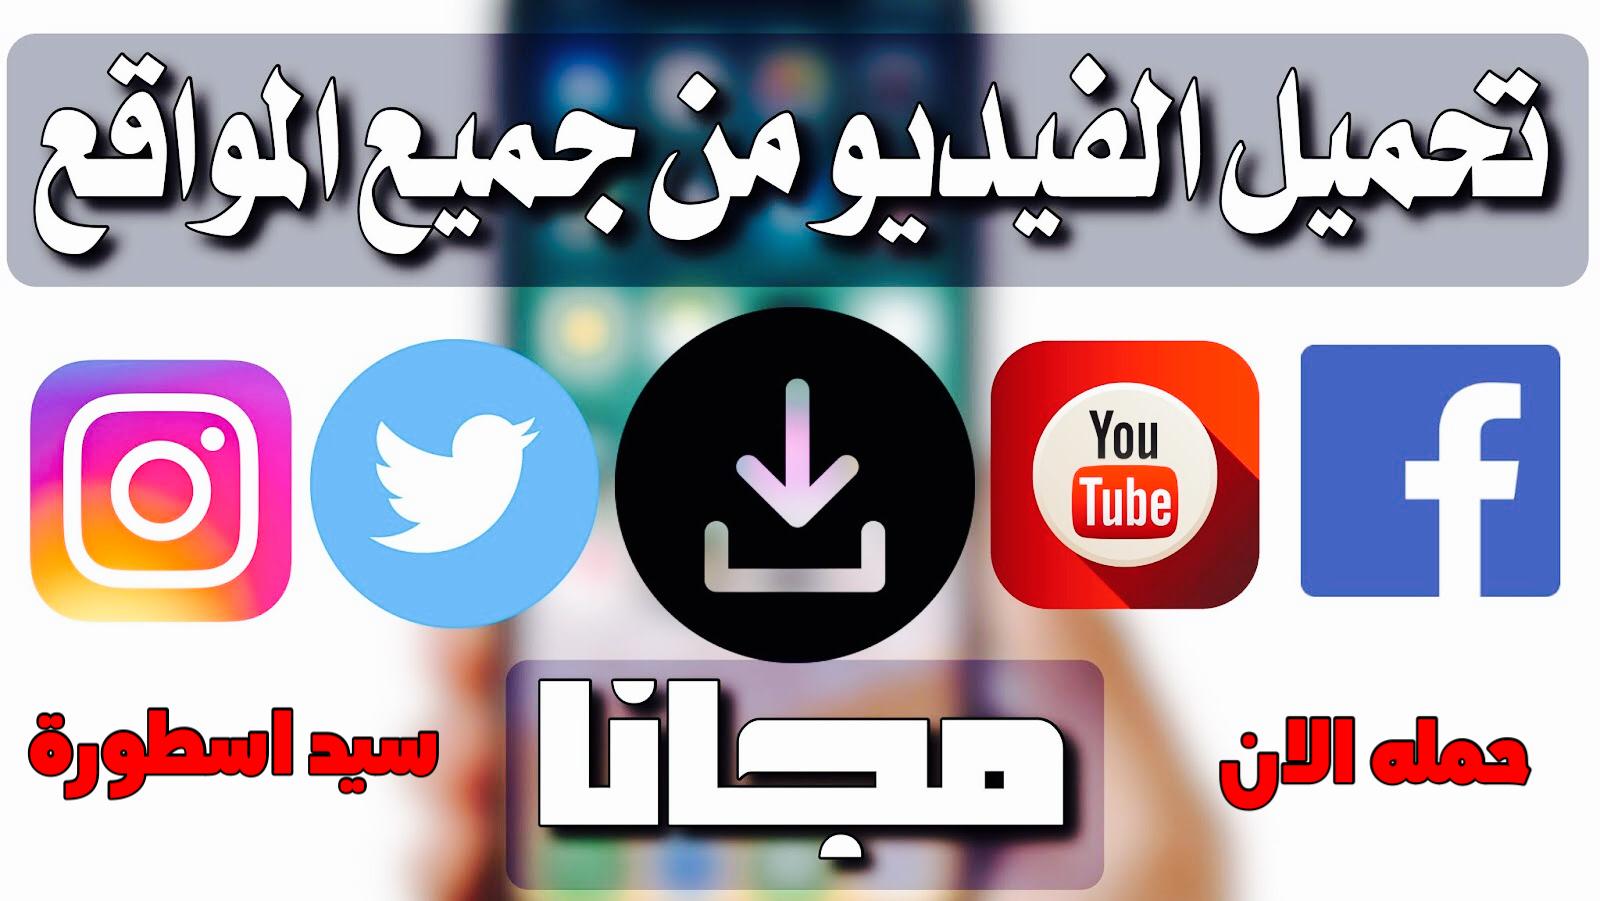 أشهر 4 تطبيقات مجانية لهواتف أندرويد لتحميل مقاطع الفيديو من اليوتيوب من اختيارات المحررين في